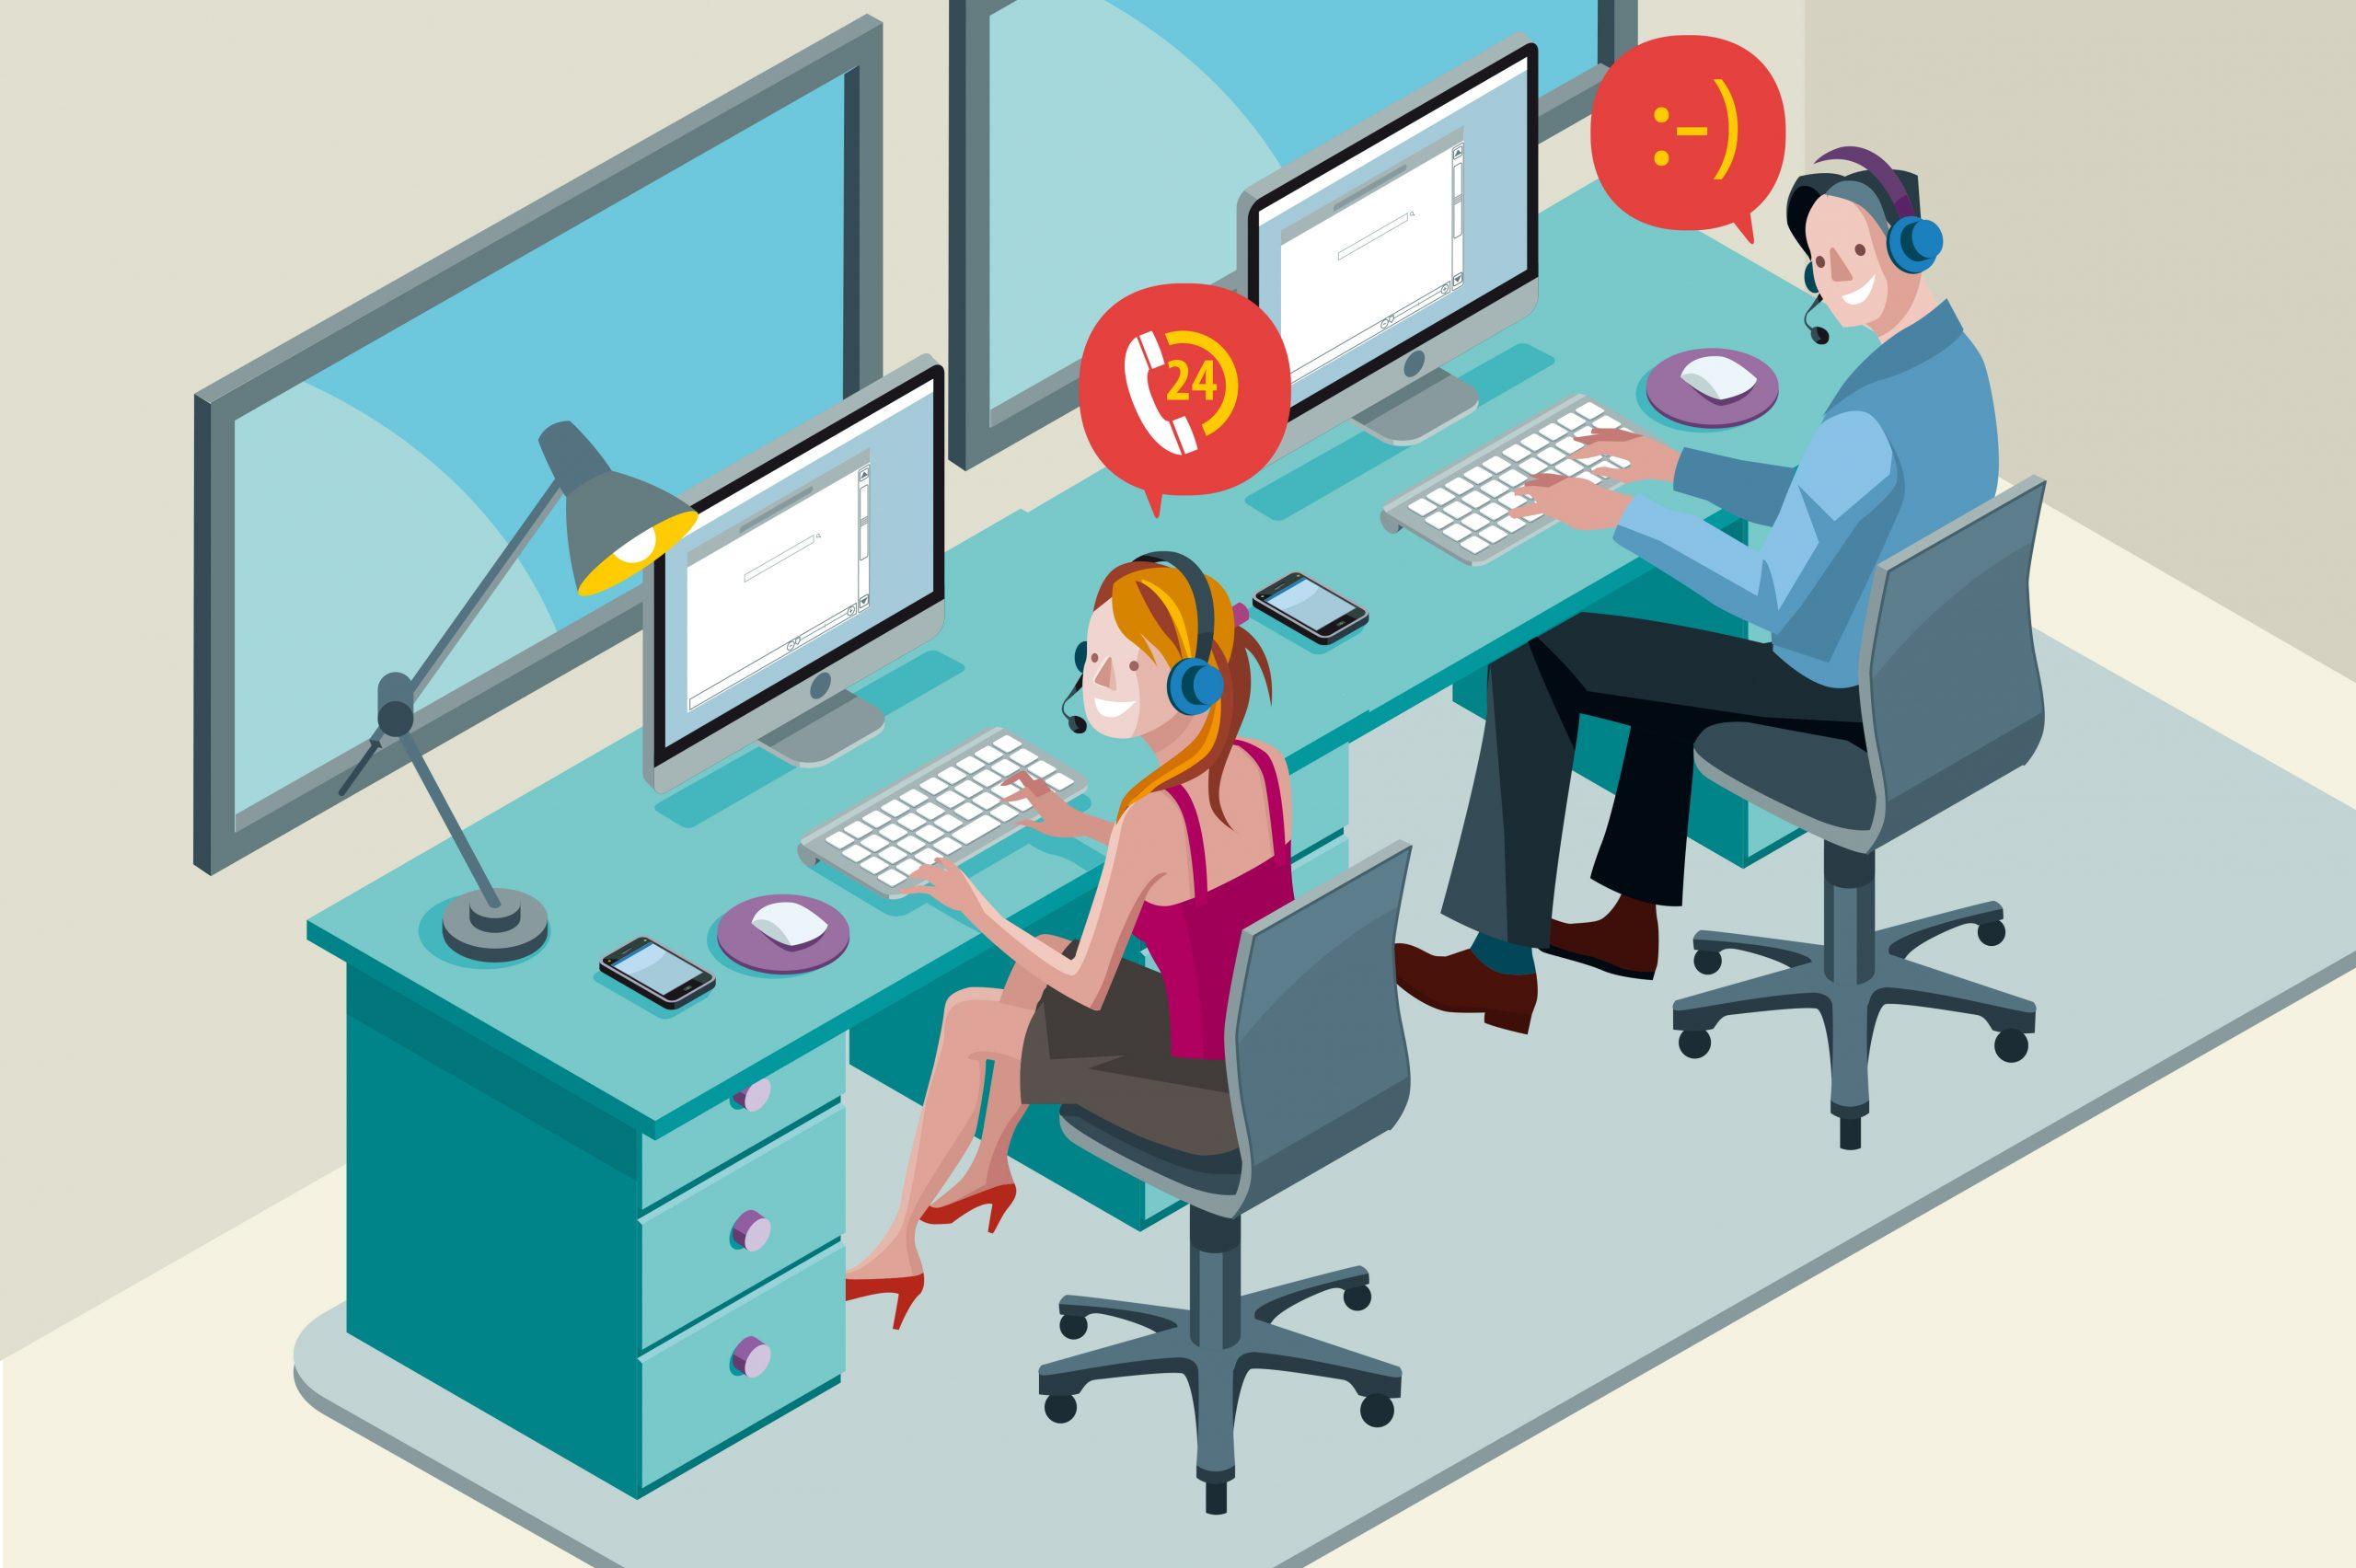 Comment améliorer l'efficacité de votre Centre de Contacts ? 3 Conseils simples ! 1